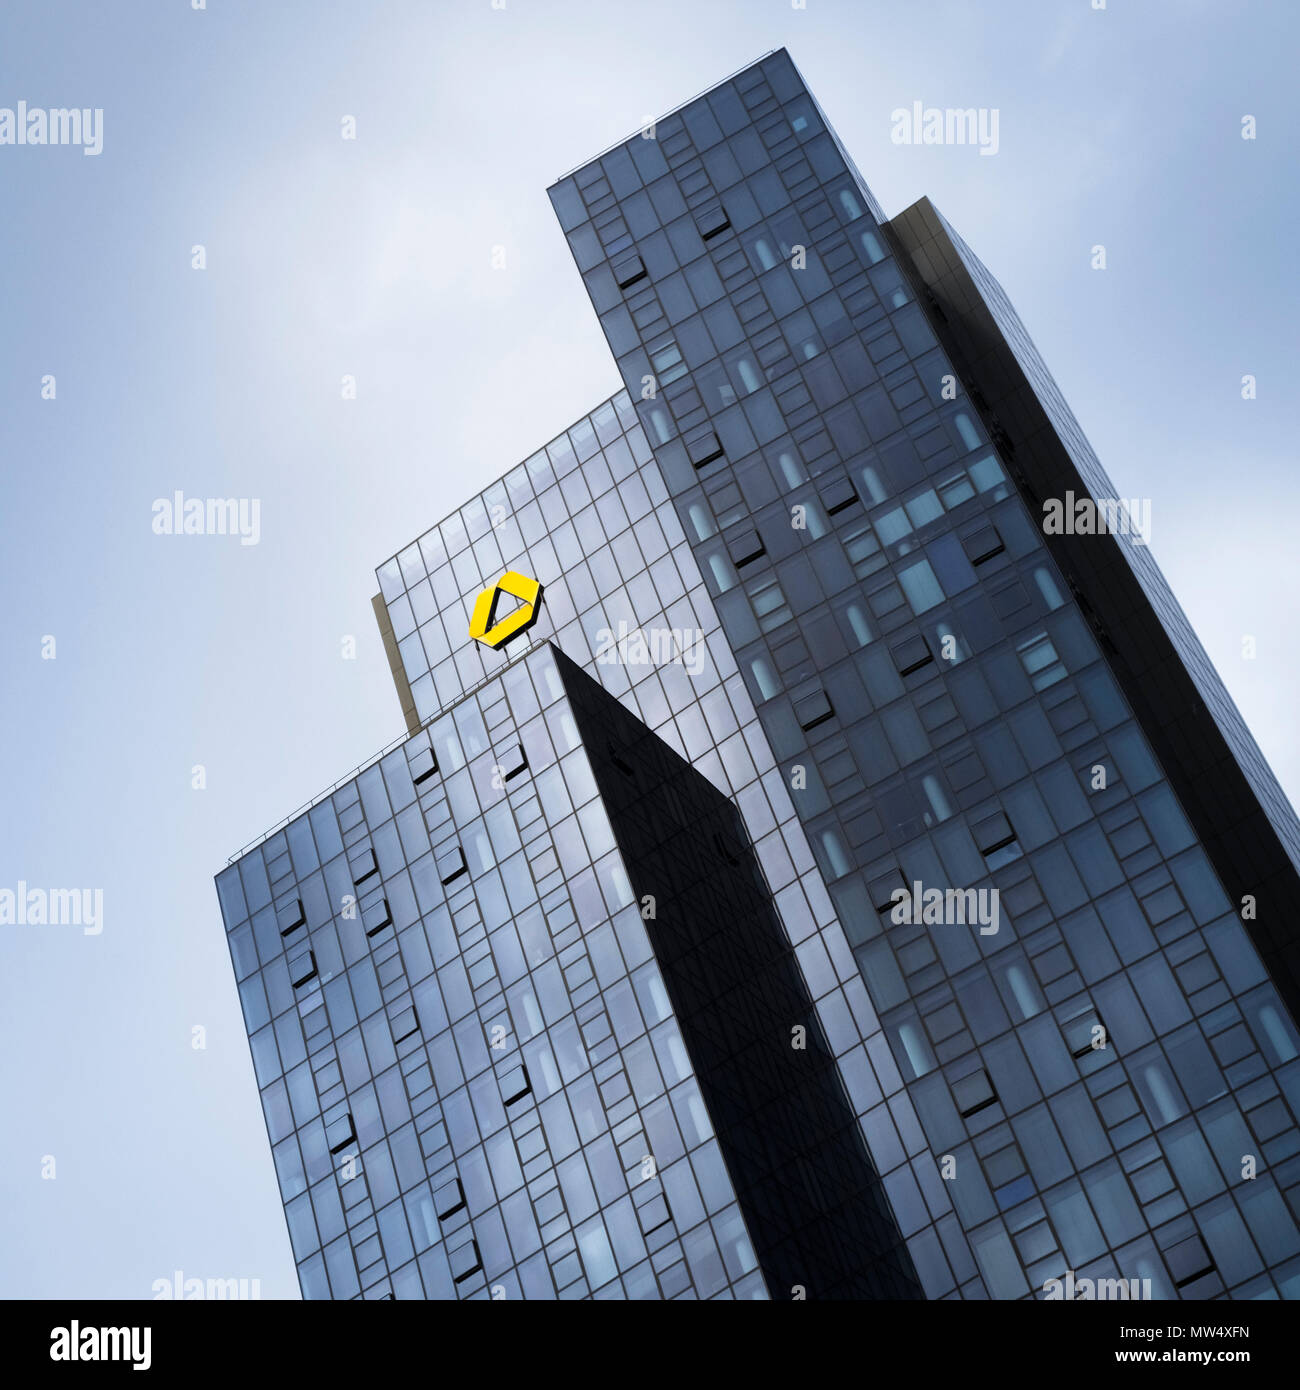 Die Commerzbank Gallileo Office Tower, ein modernes 38-stöckiges Hochhaus im Bahnhofsviertel von Frankfurt am Main, Hessen, Deutschland Stockbild